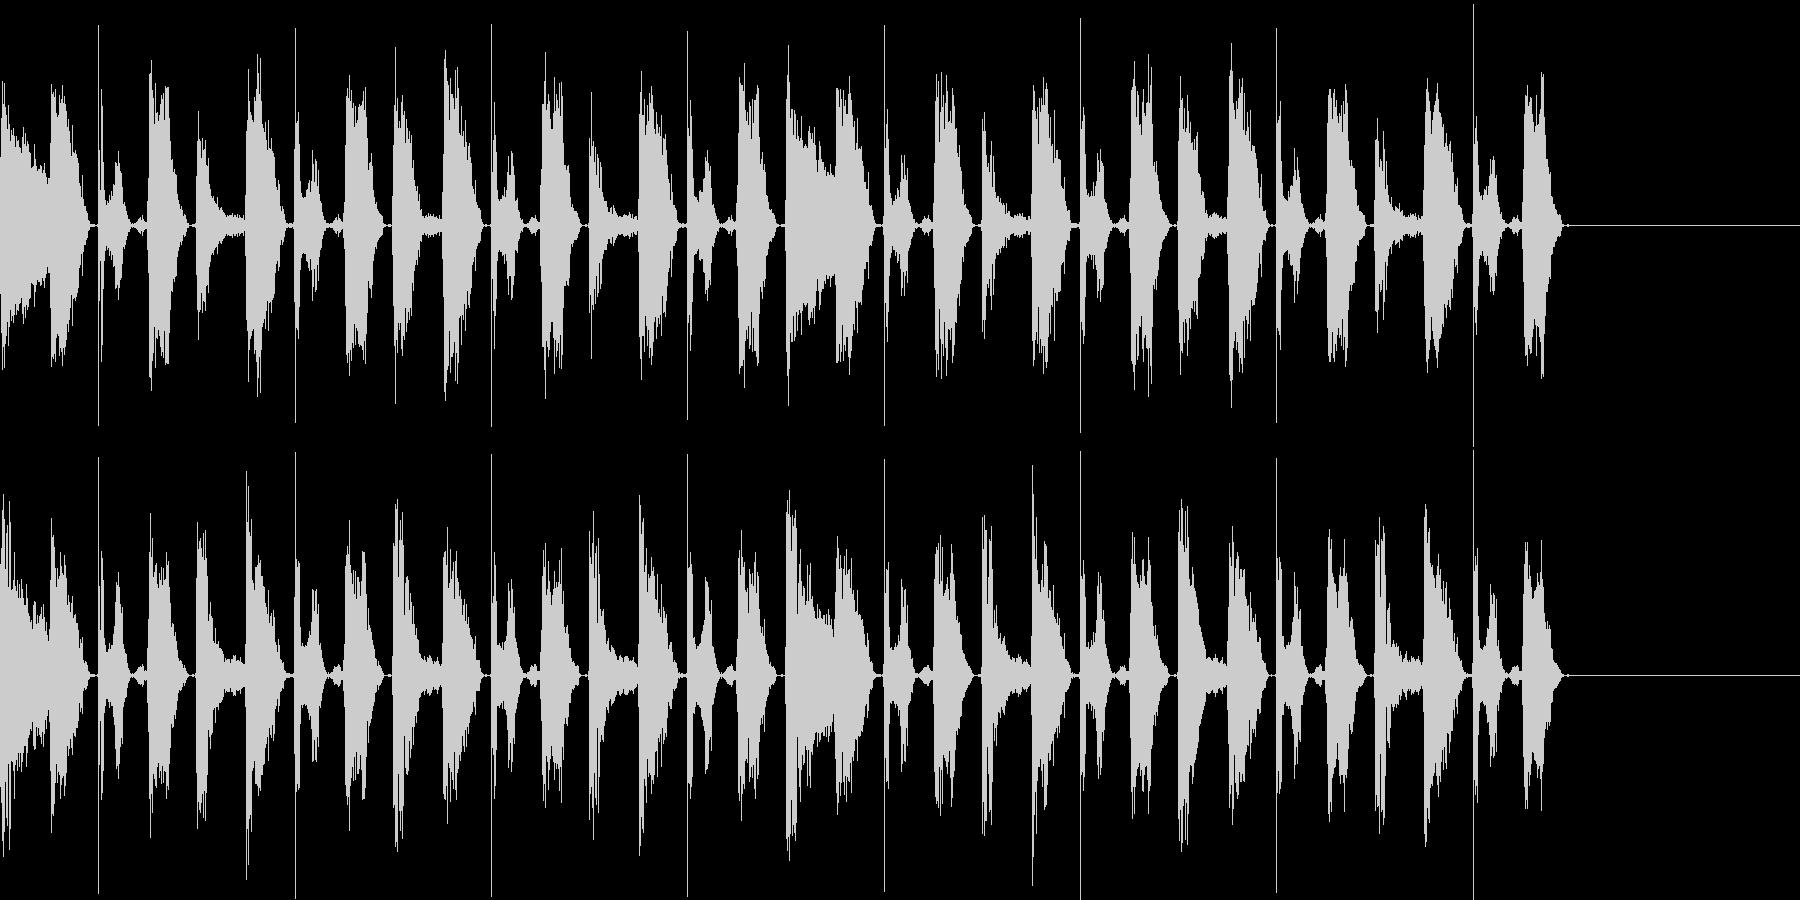 ボイスパーカッションでの8ビートのバリ…の未再生の波形